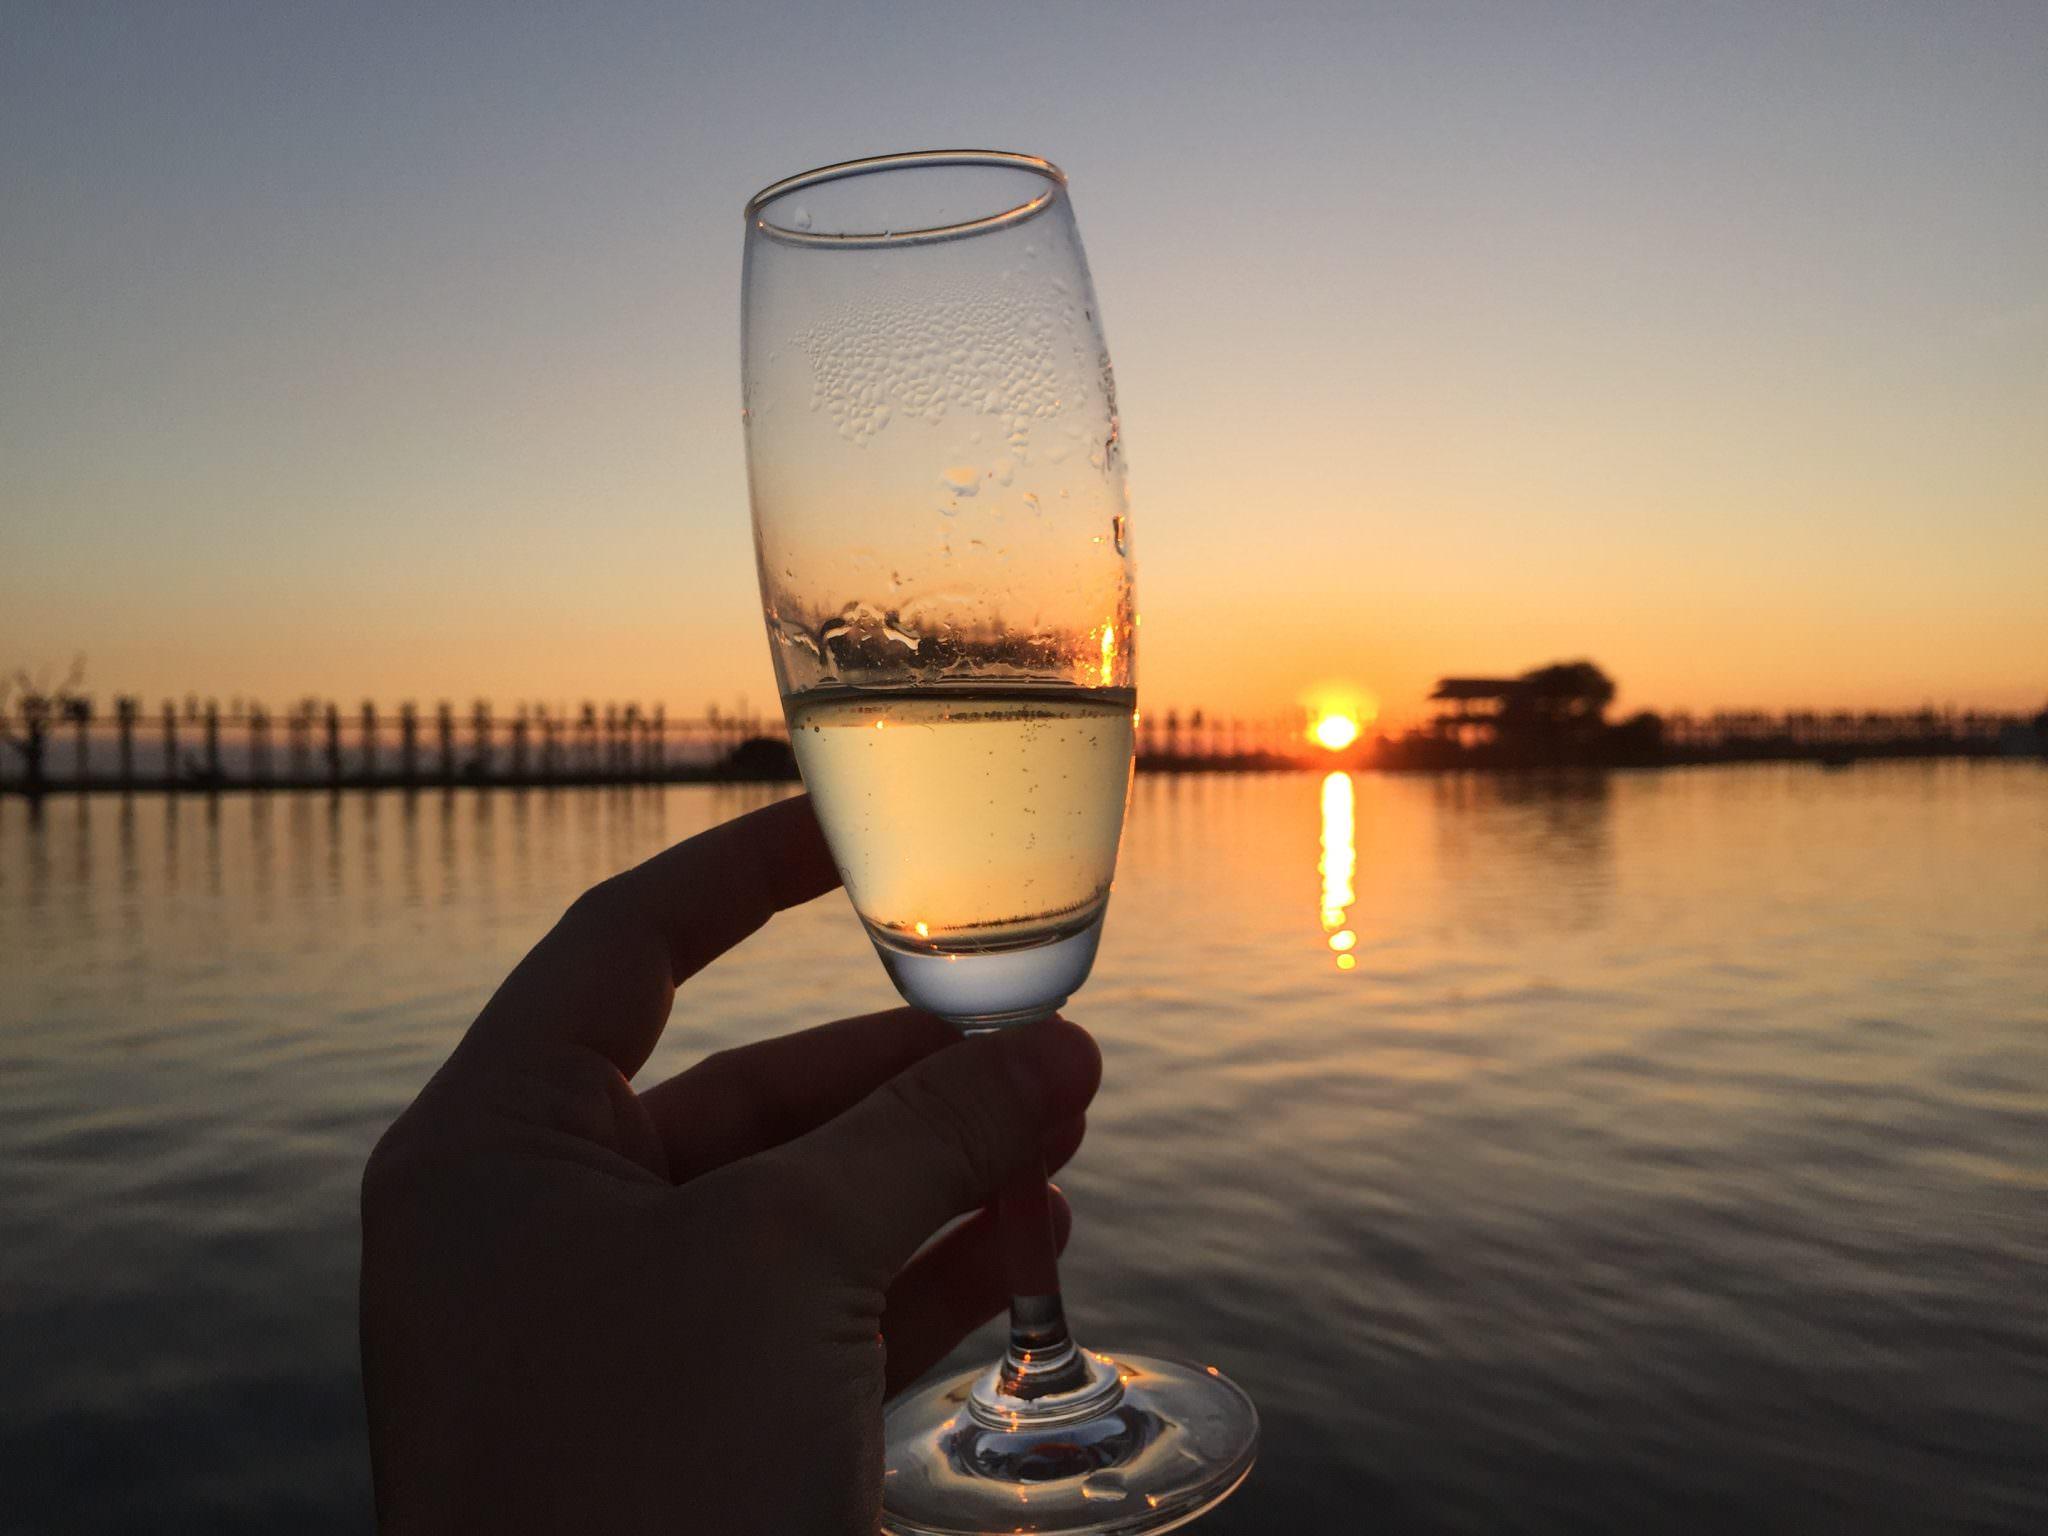 """""""Cha Kwa!"""" Cheers in Burmese! © 2015 Gail Jesen"""